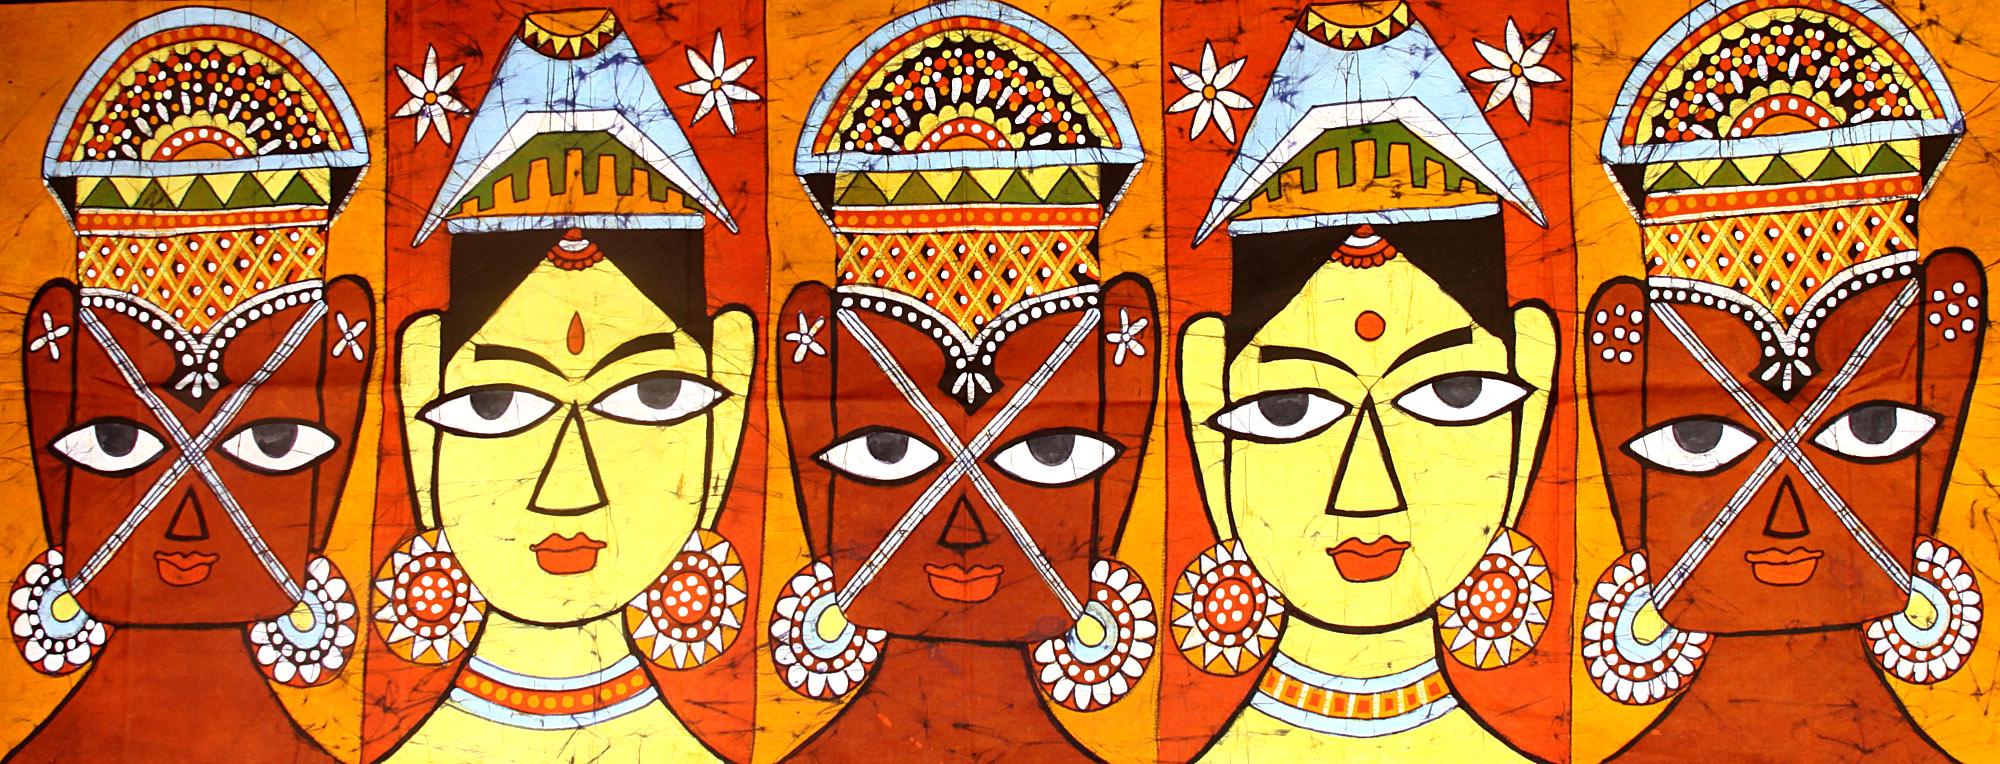 People (Madhubani Style)